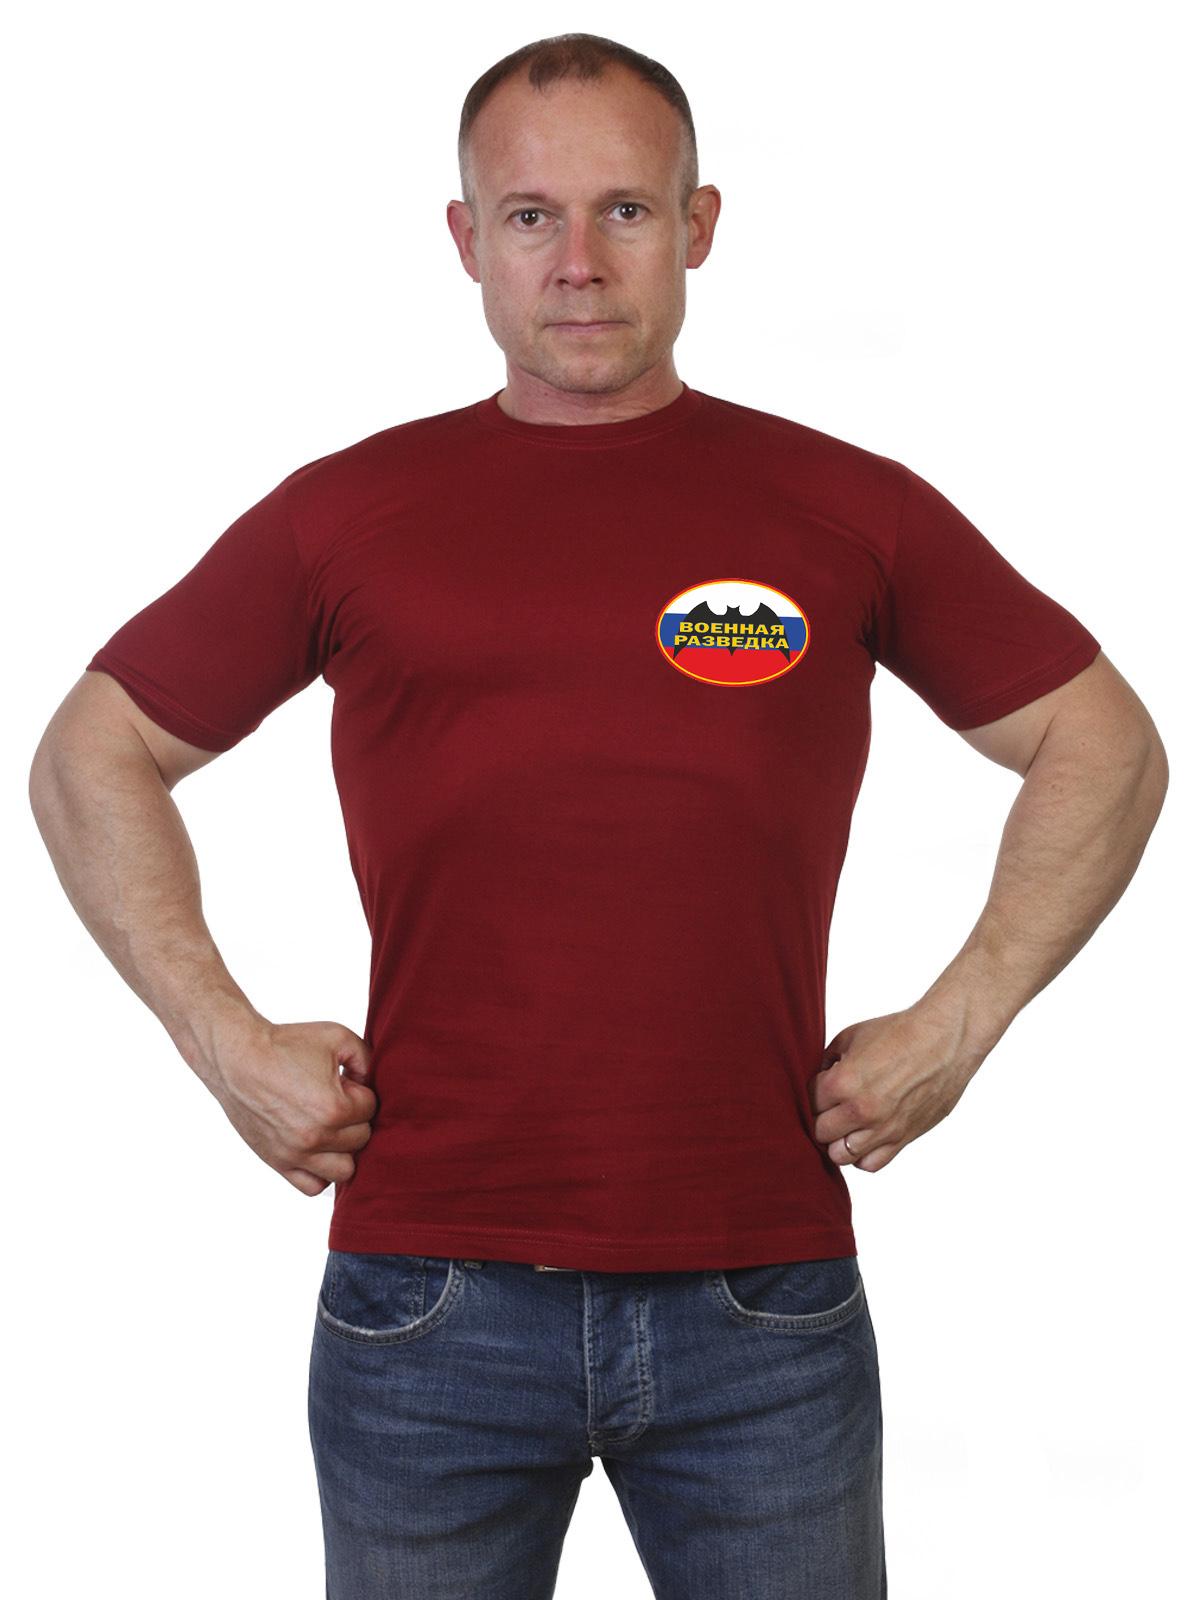 Купить краповую футболку разведчика